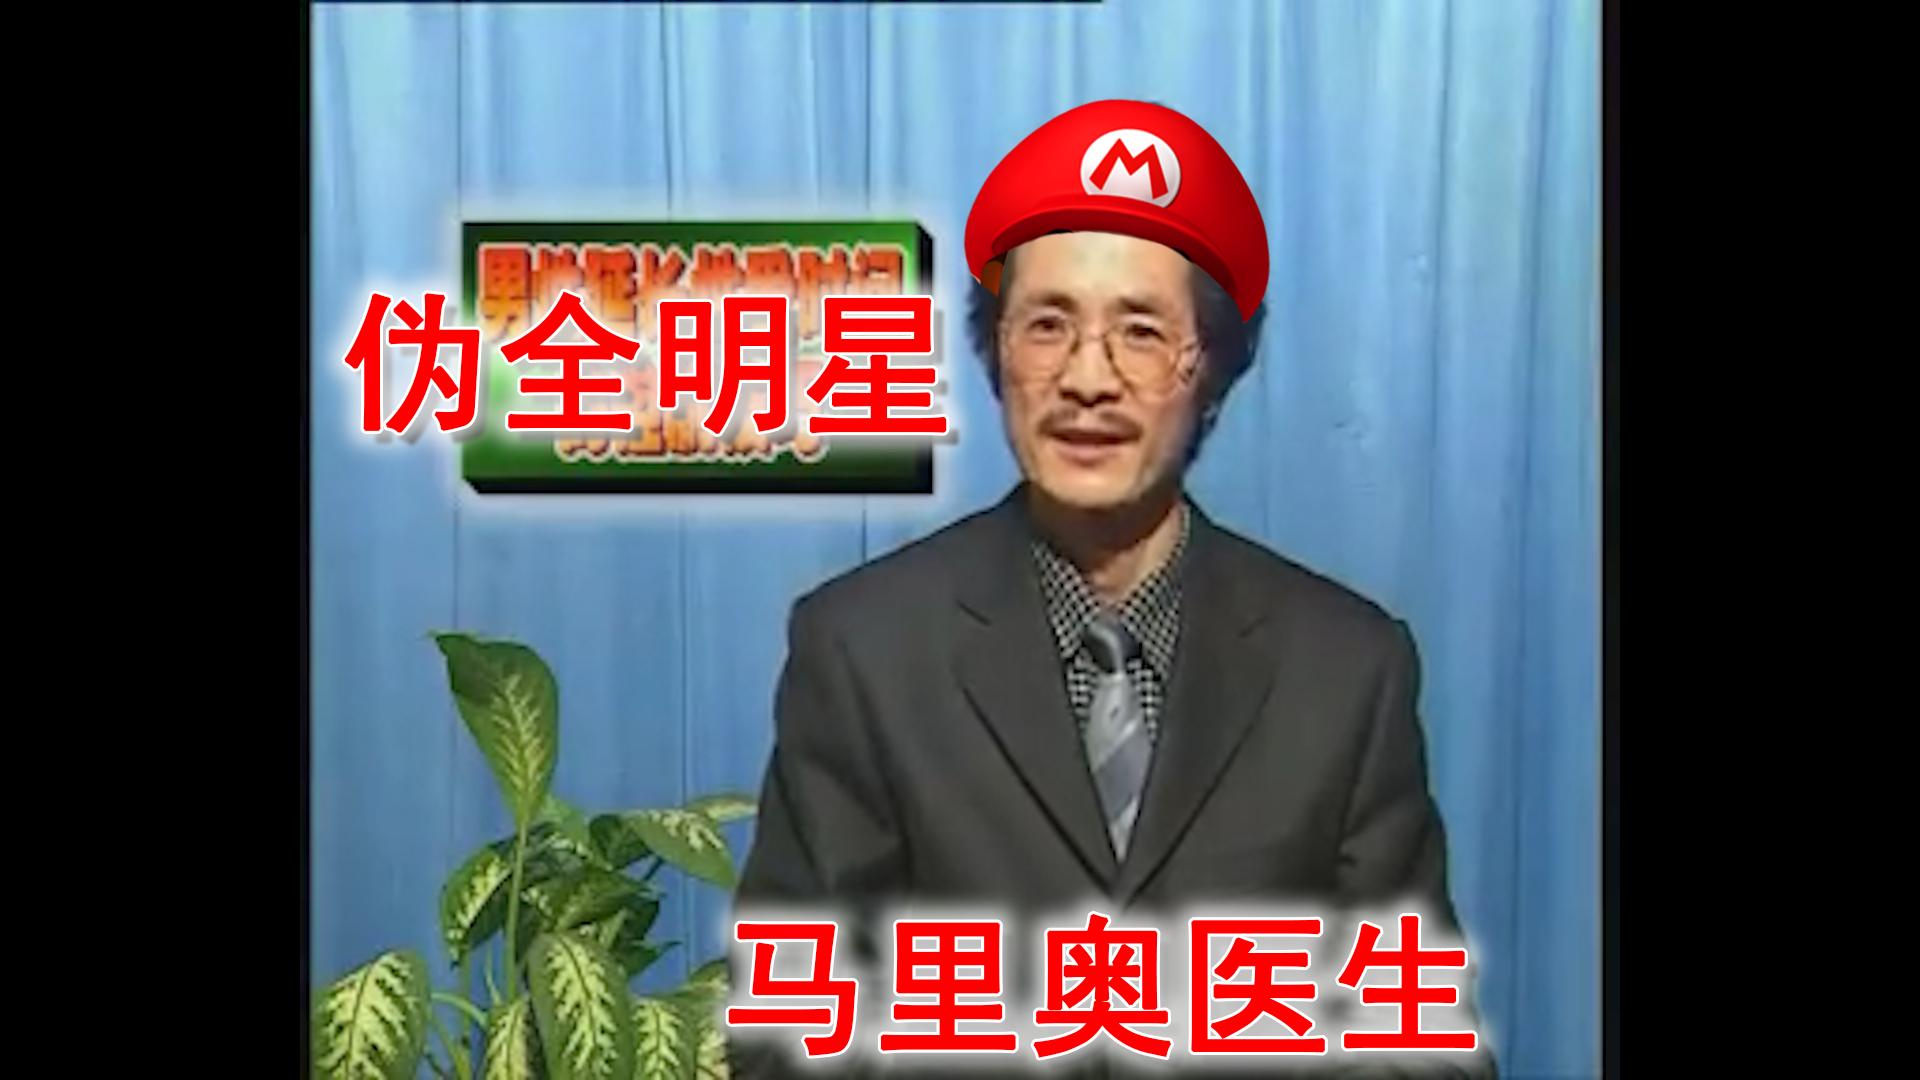 【伪全明星】马里奥医生